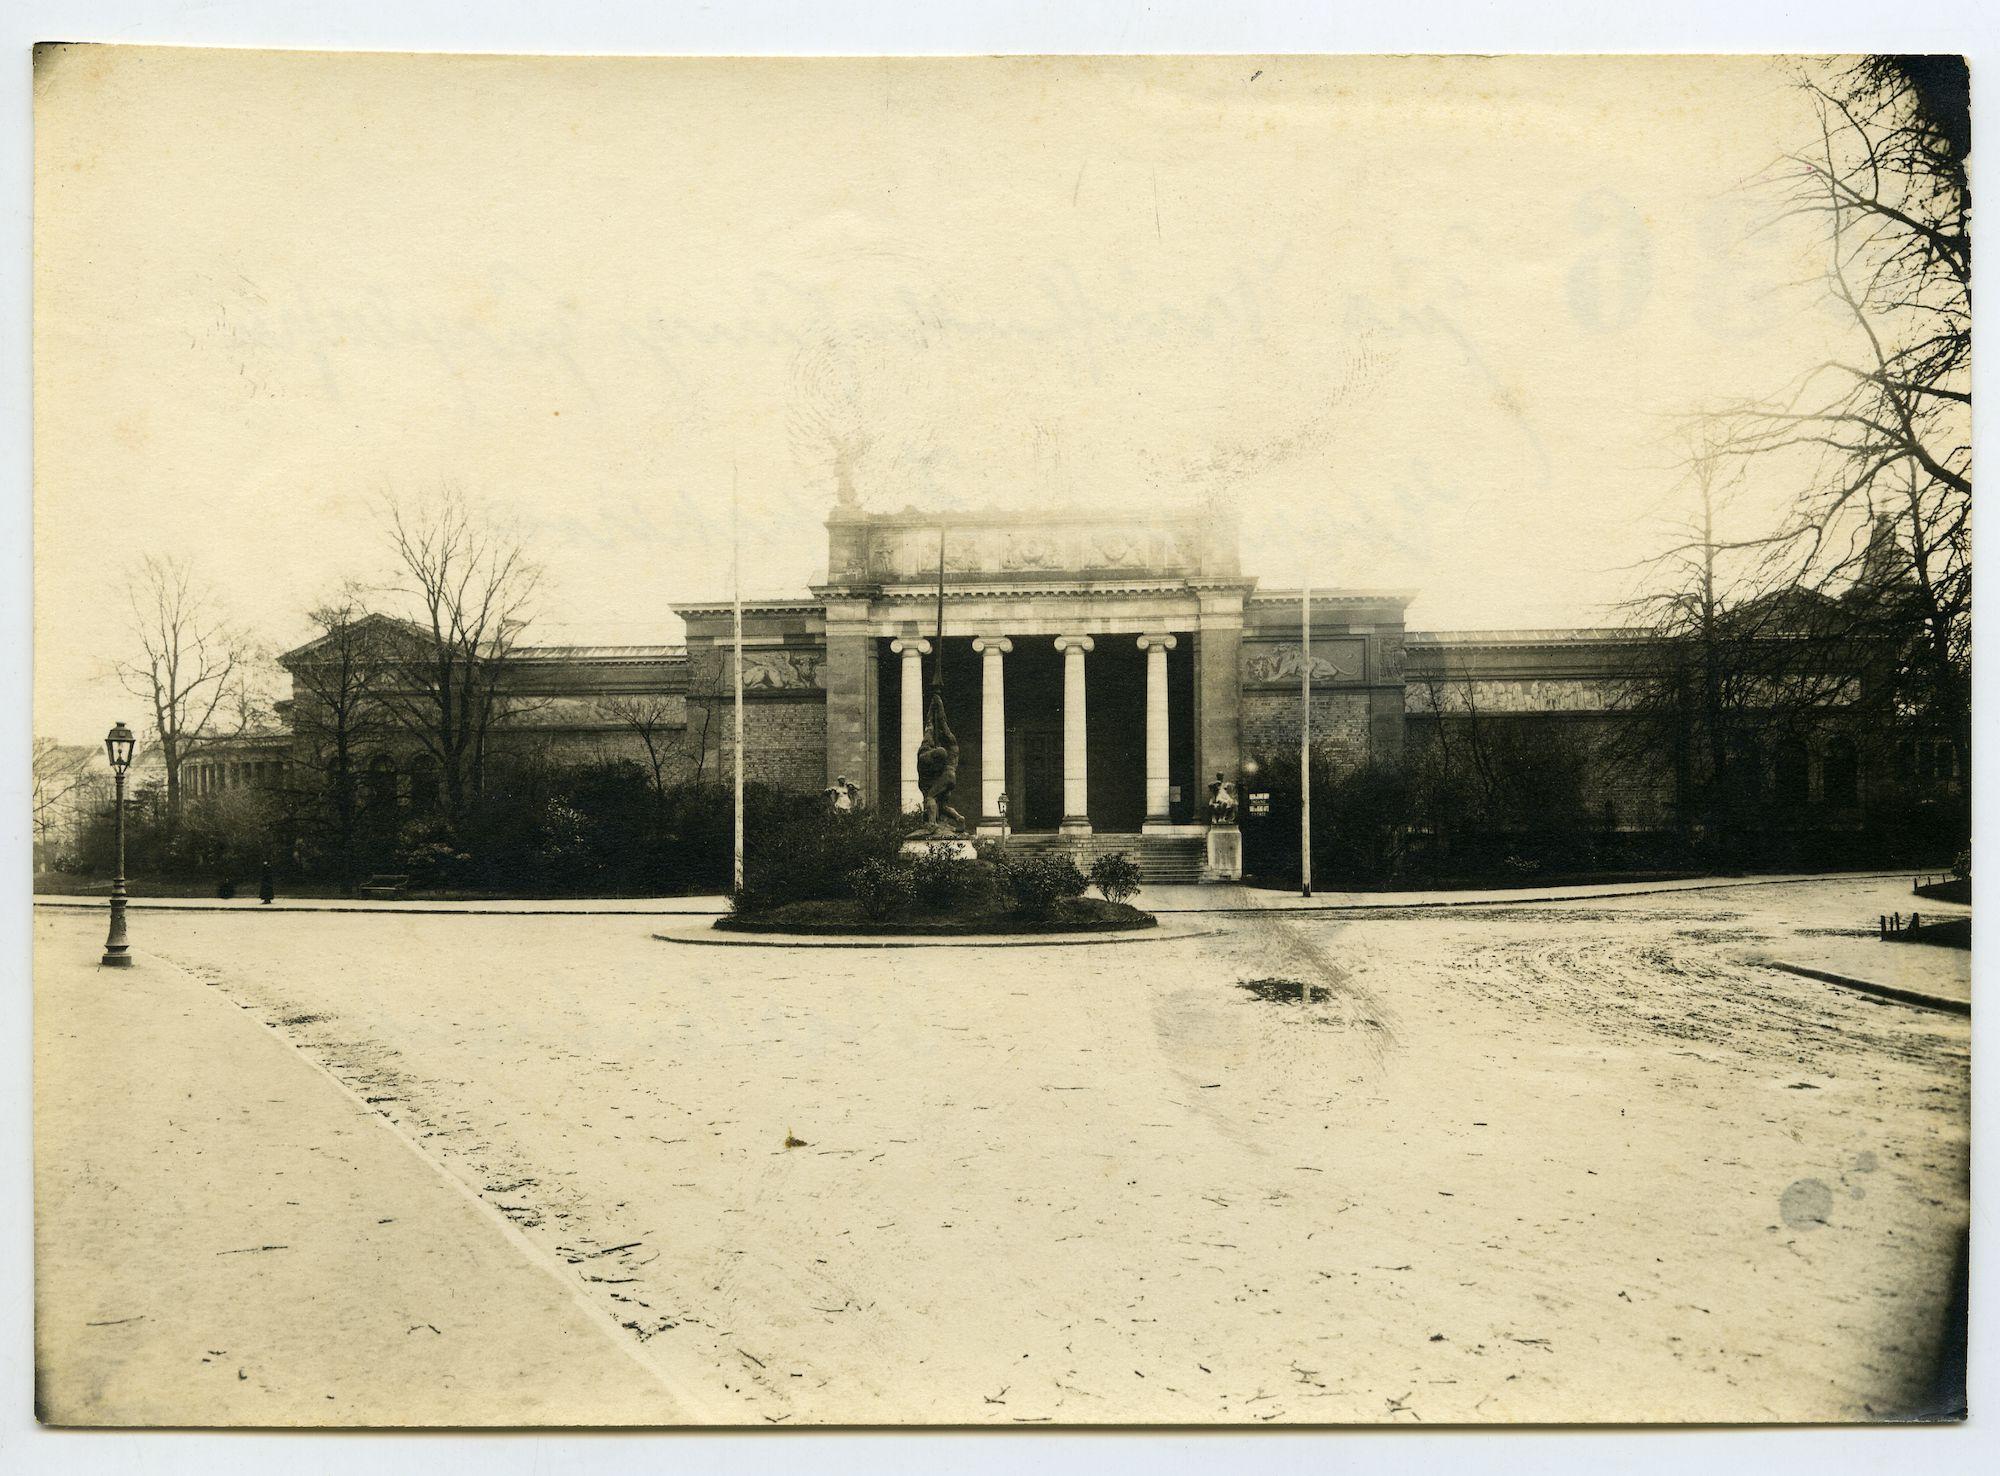 Gent: Fernand Scribedreef: Museum voor Schone Kunsten (MSK), 1915-1916